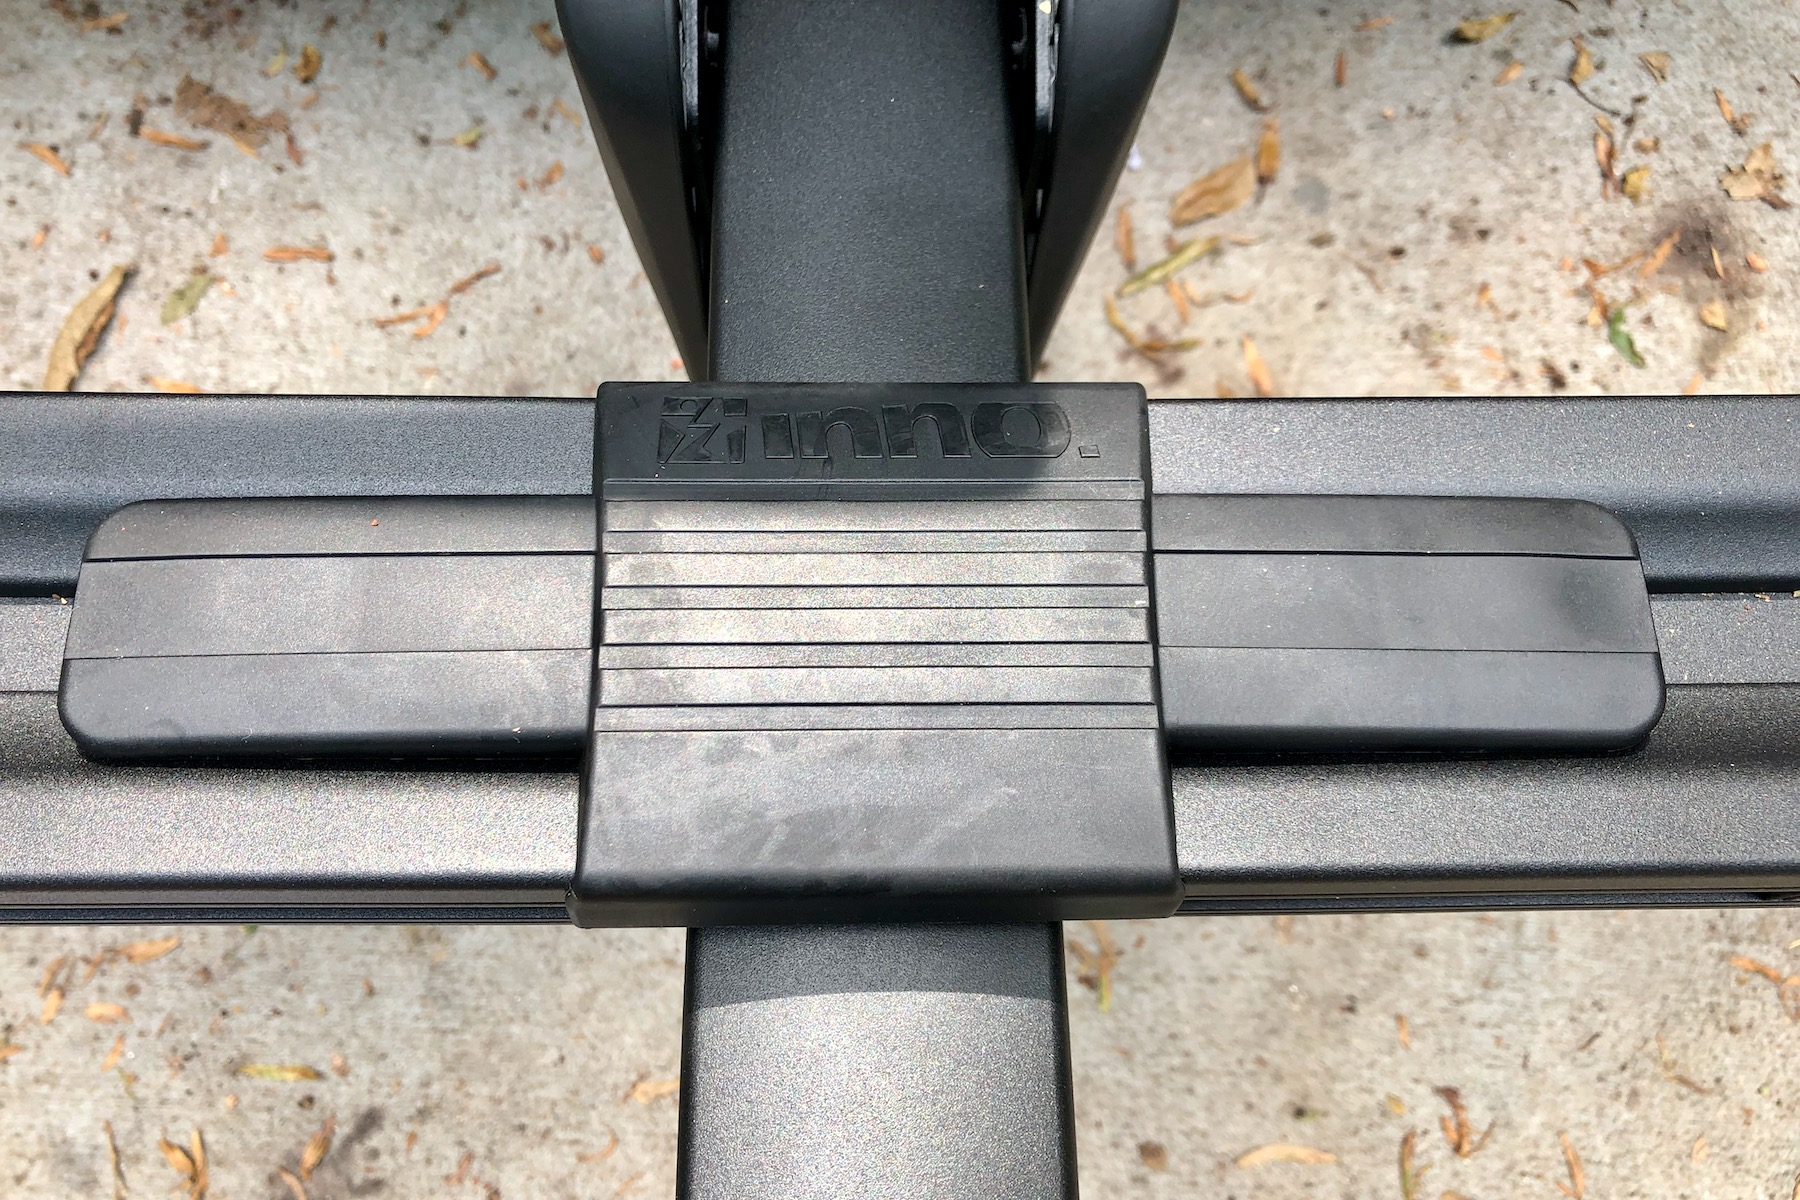 inno_bike_rack - 3